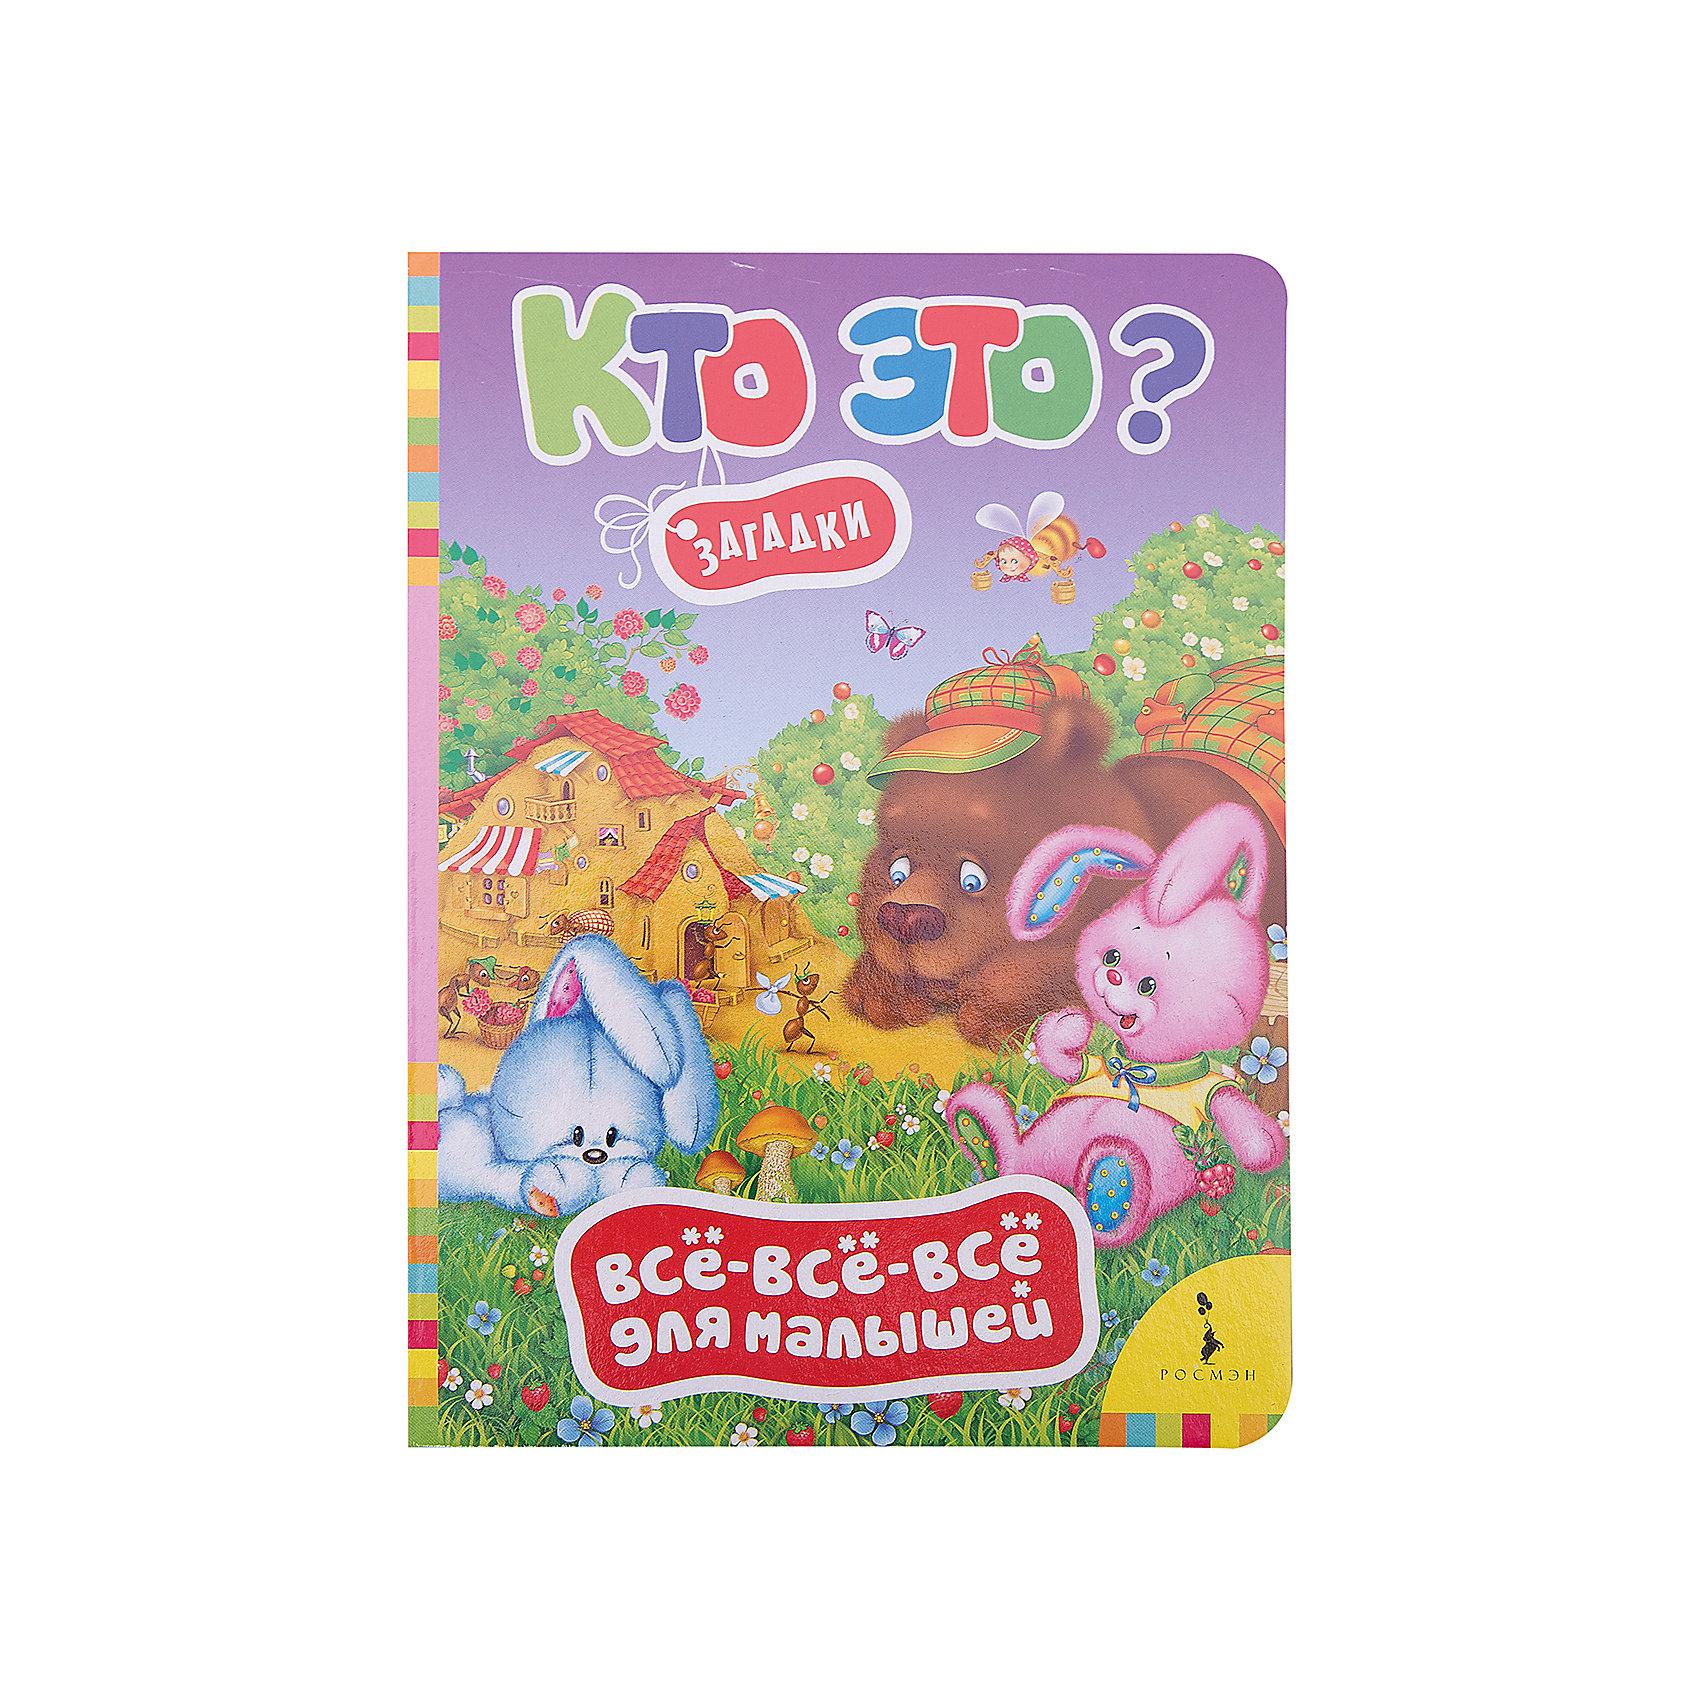 Кто это? Загадки, Все-все-все для малышейХарактеристики товара:<br><br>- цвет: разноцветный;<br>- материал: бумага;<br>- страниц: 8;<br>- формат: 22 х 16 см;<br>- обложка: картон;<br>- цветные иллюстрации;<br>- содержание: загадки. <br><br>Эта полезная книга станет отличным подарком для родителей и ребенка. Она содержит в себе загадки, причем - самые добрые и близкие ребенку! Отличный способ привить малышу любовь к занятиям и начать обучение!<br>Чтение и загадки малышам даже в юном возрасте помогают развивать зрительную память, концентрацию внимания и воображение. Издание произведено из качественных материалов, которые безопасны даже для самых маленьких.<br><br>Издание Кто это? Загадки, Все-все-все для малышей от компании Росмэн можно купить в нашем интернет-магазине.<br><br>Ширина мм: 220<br>Глубина мм: 160<br>Высота мм: 5<br>Вес г: 111<br>Возраст от месяцев: 0<br>Возраст до месяцев: 36<br>Пол: Унисекс<br>Возраст: Детский<br>SKU: 5110058